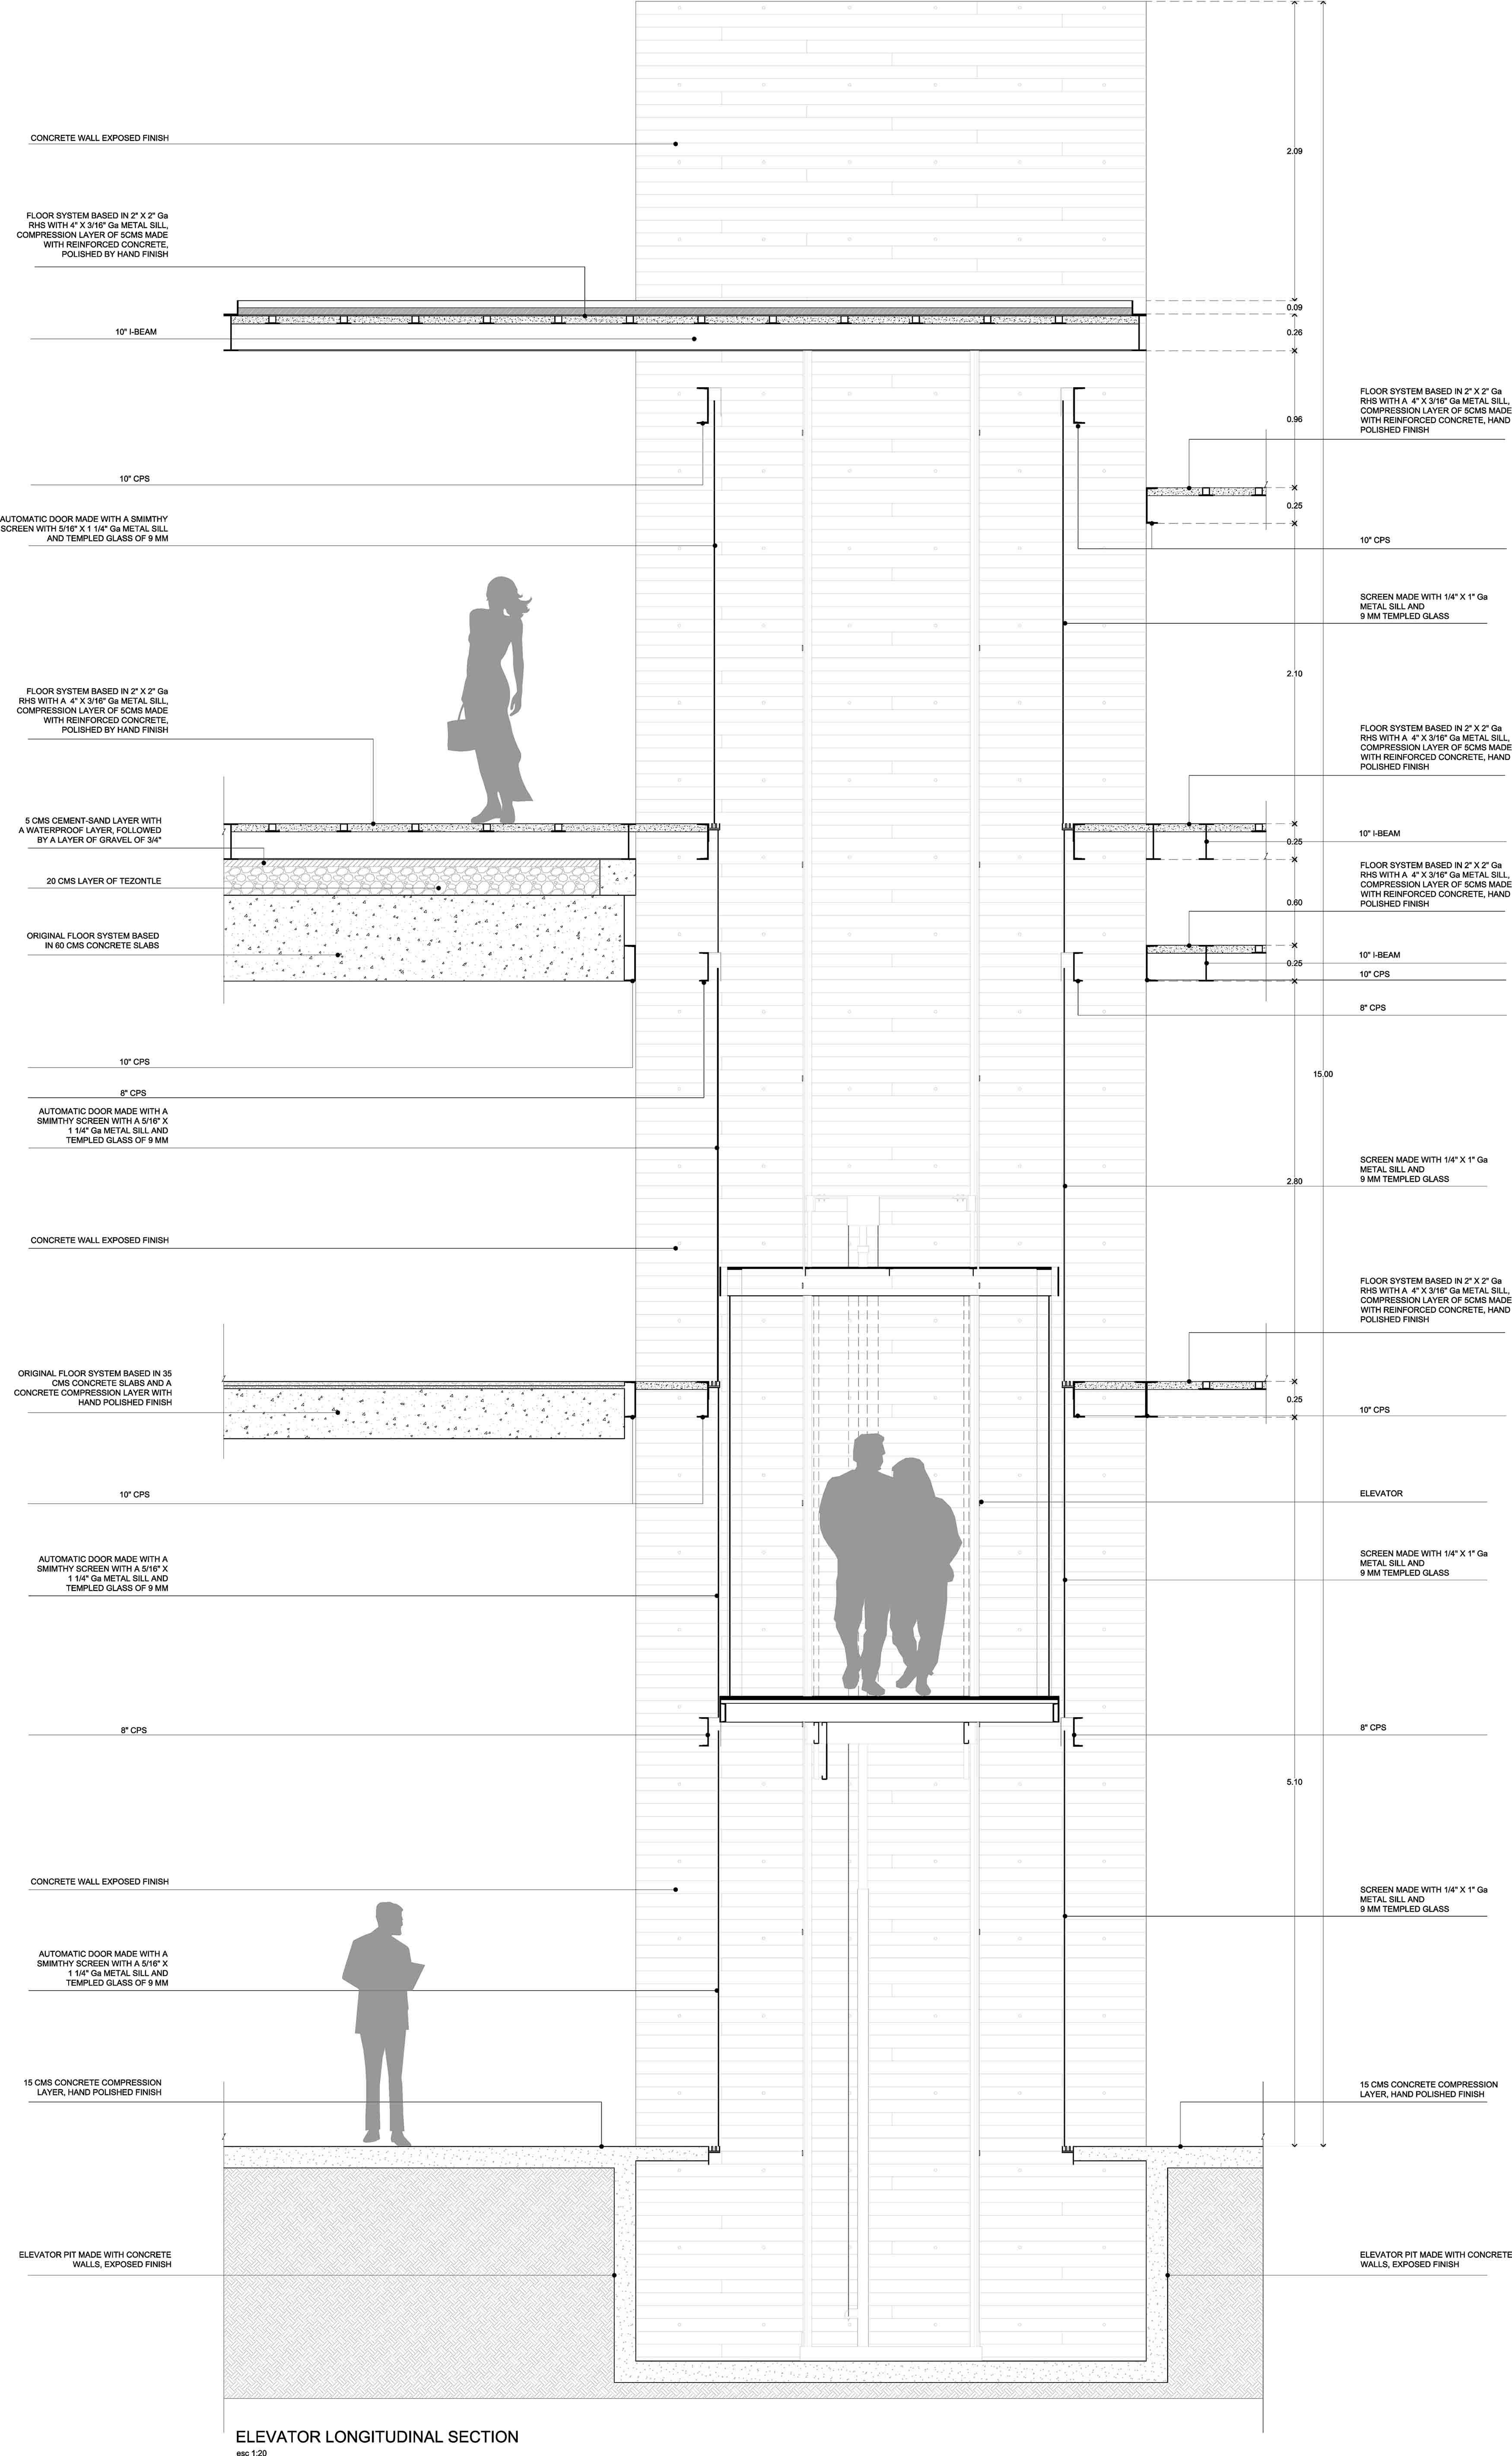 Elevator longitudinal section  }